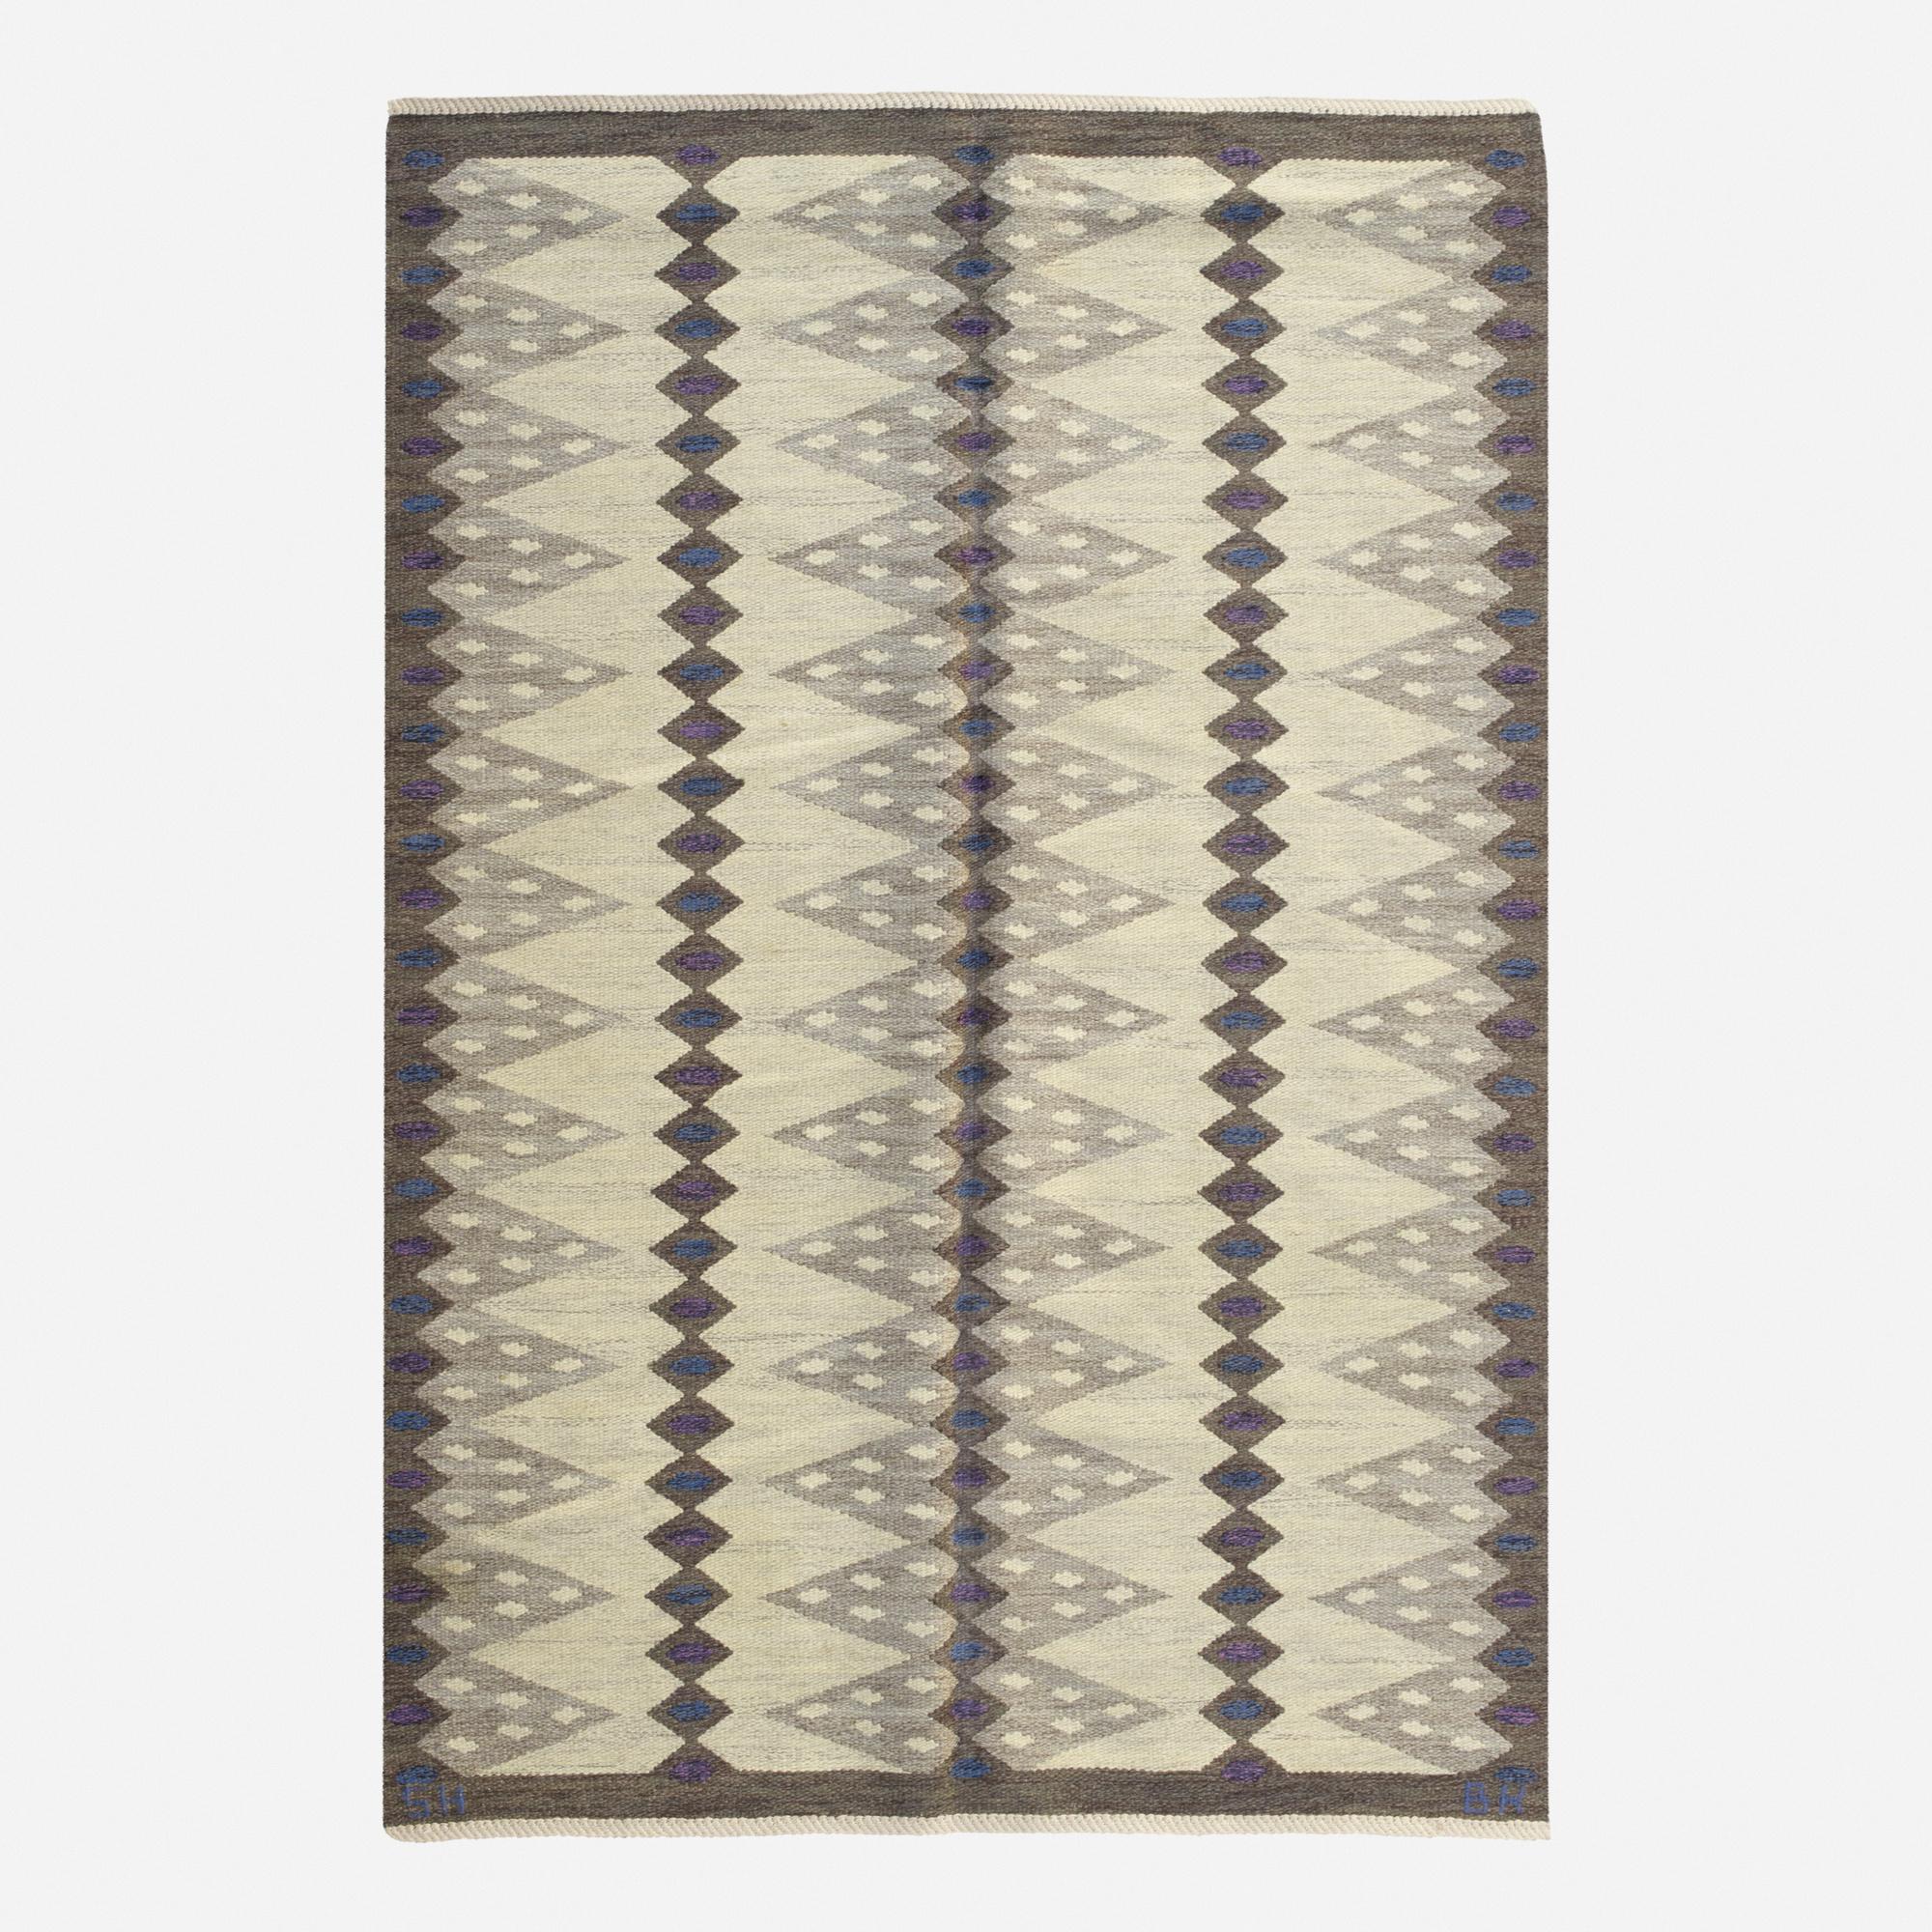 243: Berit Koenig / flatweave carpet (1 of 2)